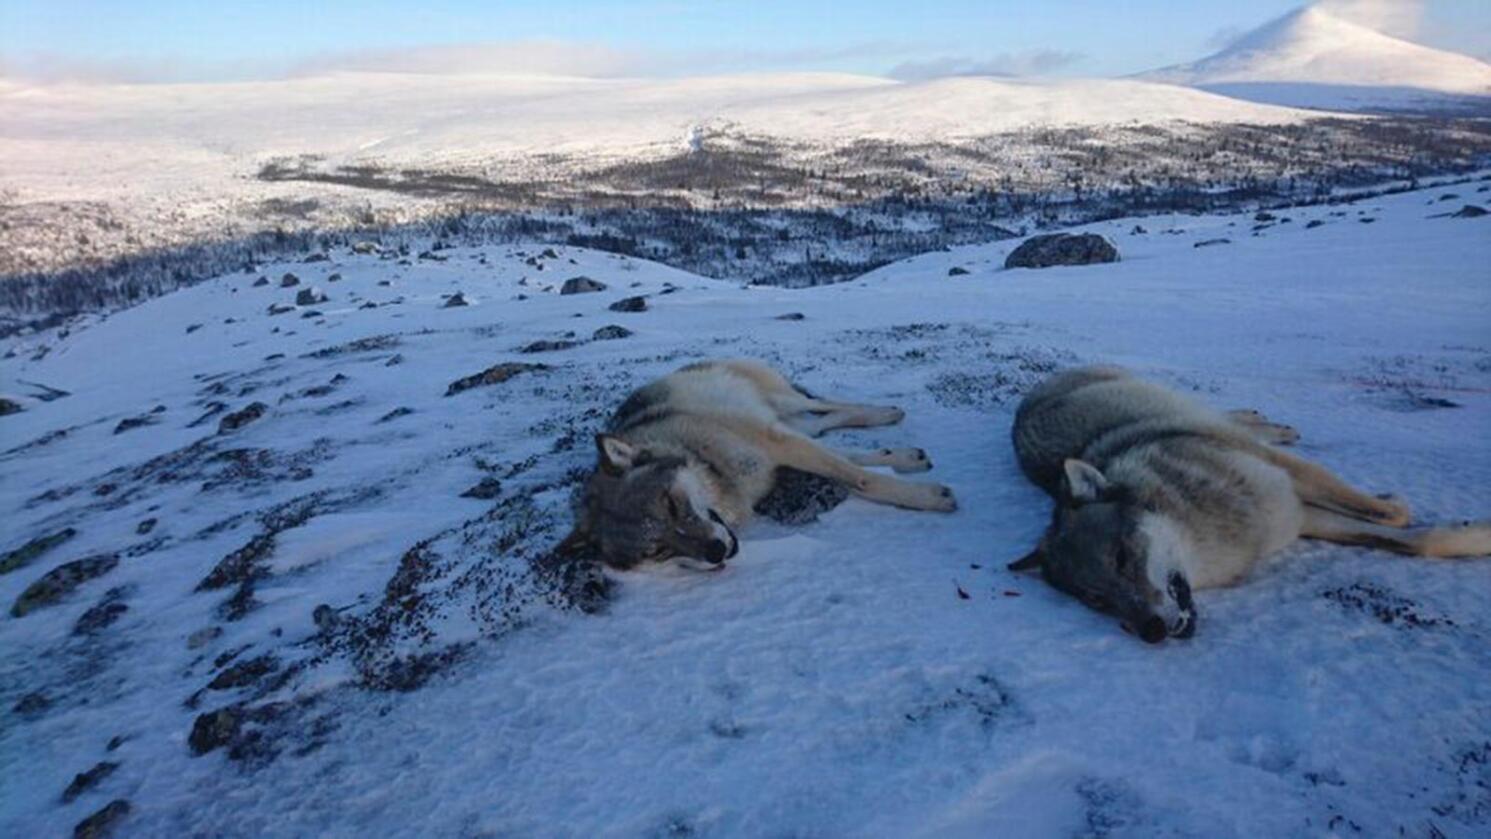 Statens naturoppsyn felte fredag to ulver i Rendalen for å forhindre framtidig skade på sau i området. Ulvene var et nytt revirmarkerende par. Foto: Statens naturoppsyn/Miljødirektoratet / NTB scanpix